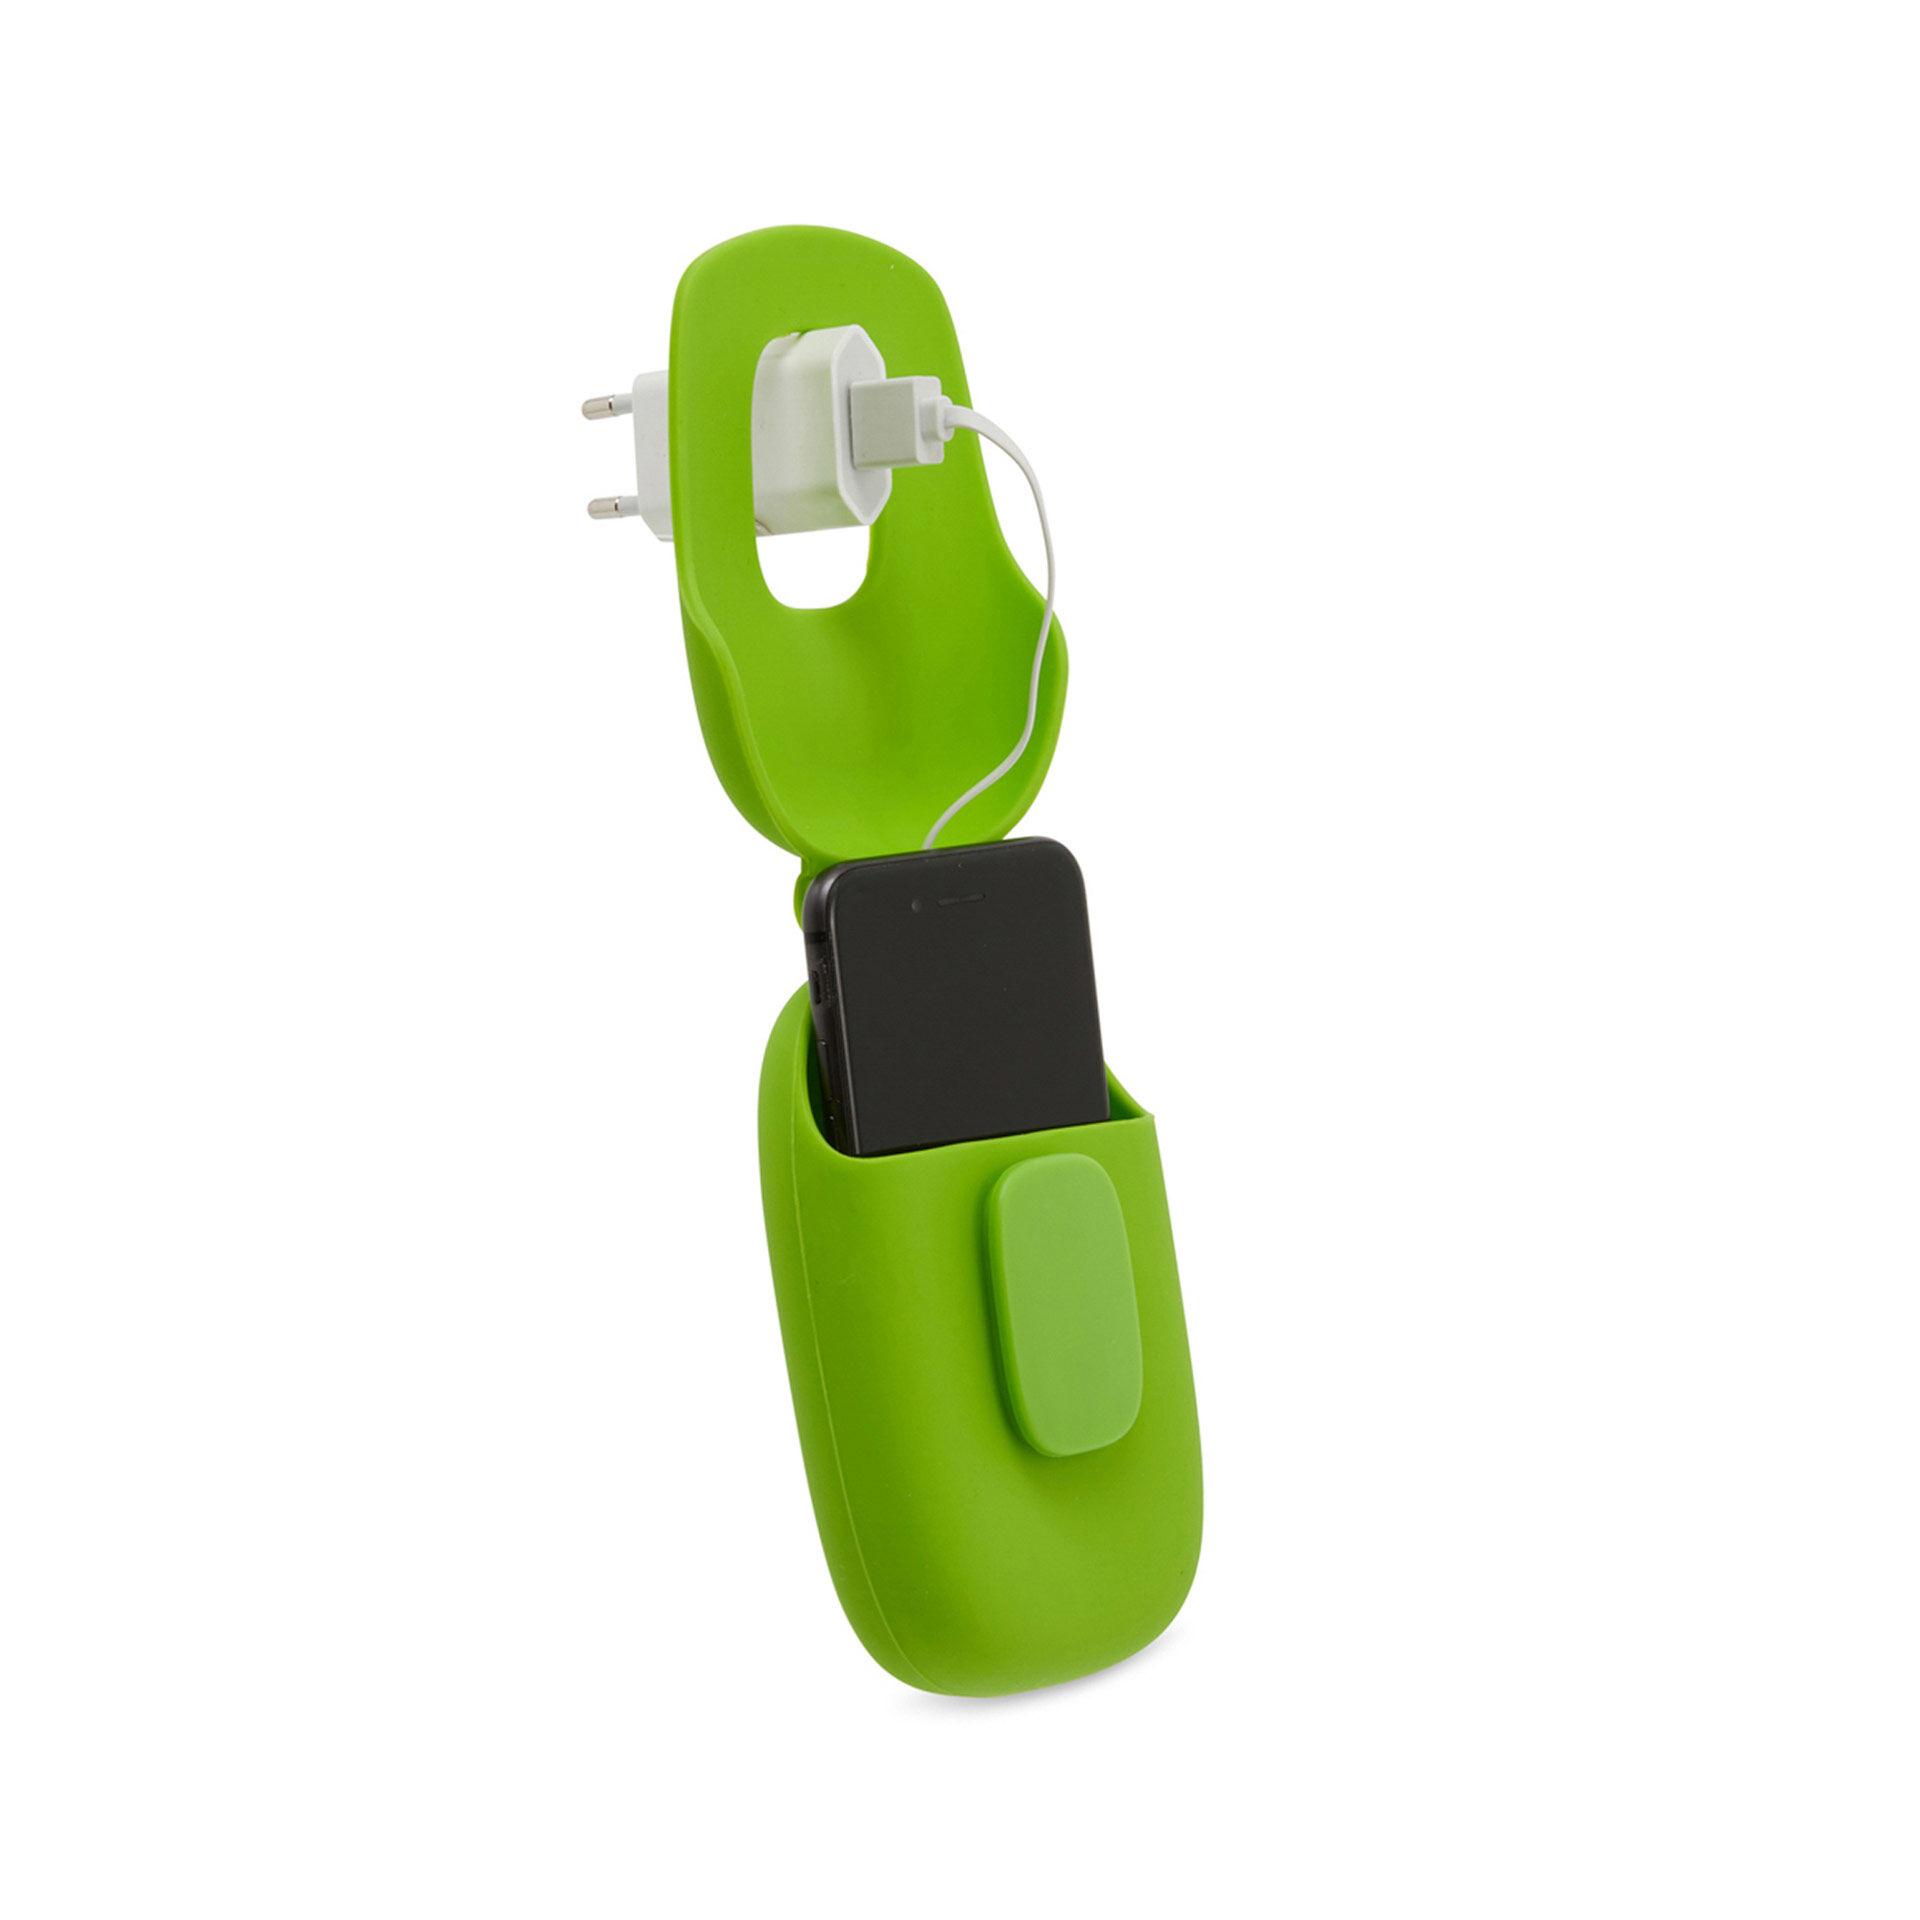 Support de chargeur de smartphones - vert, , large